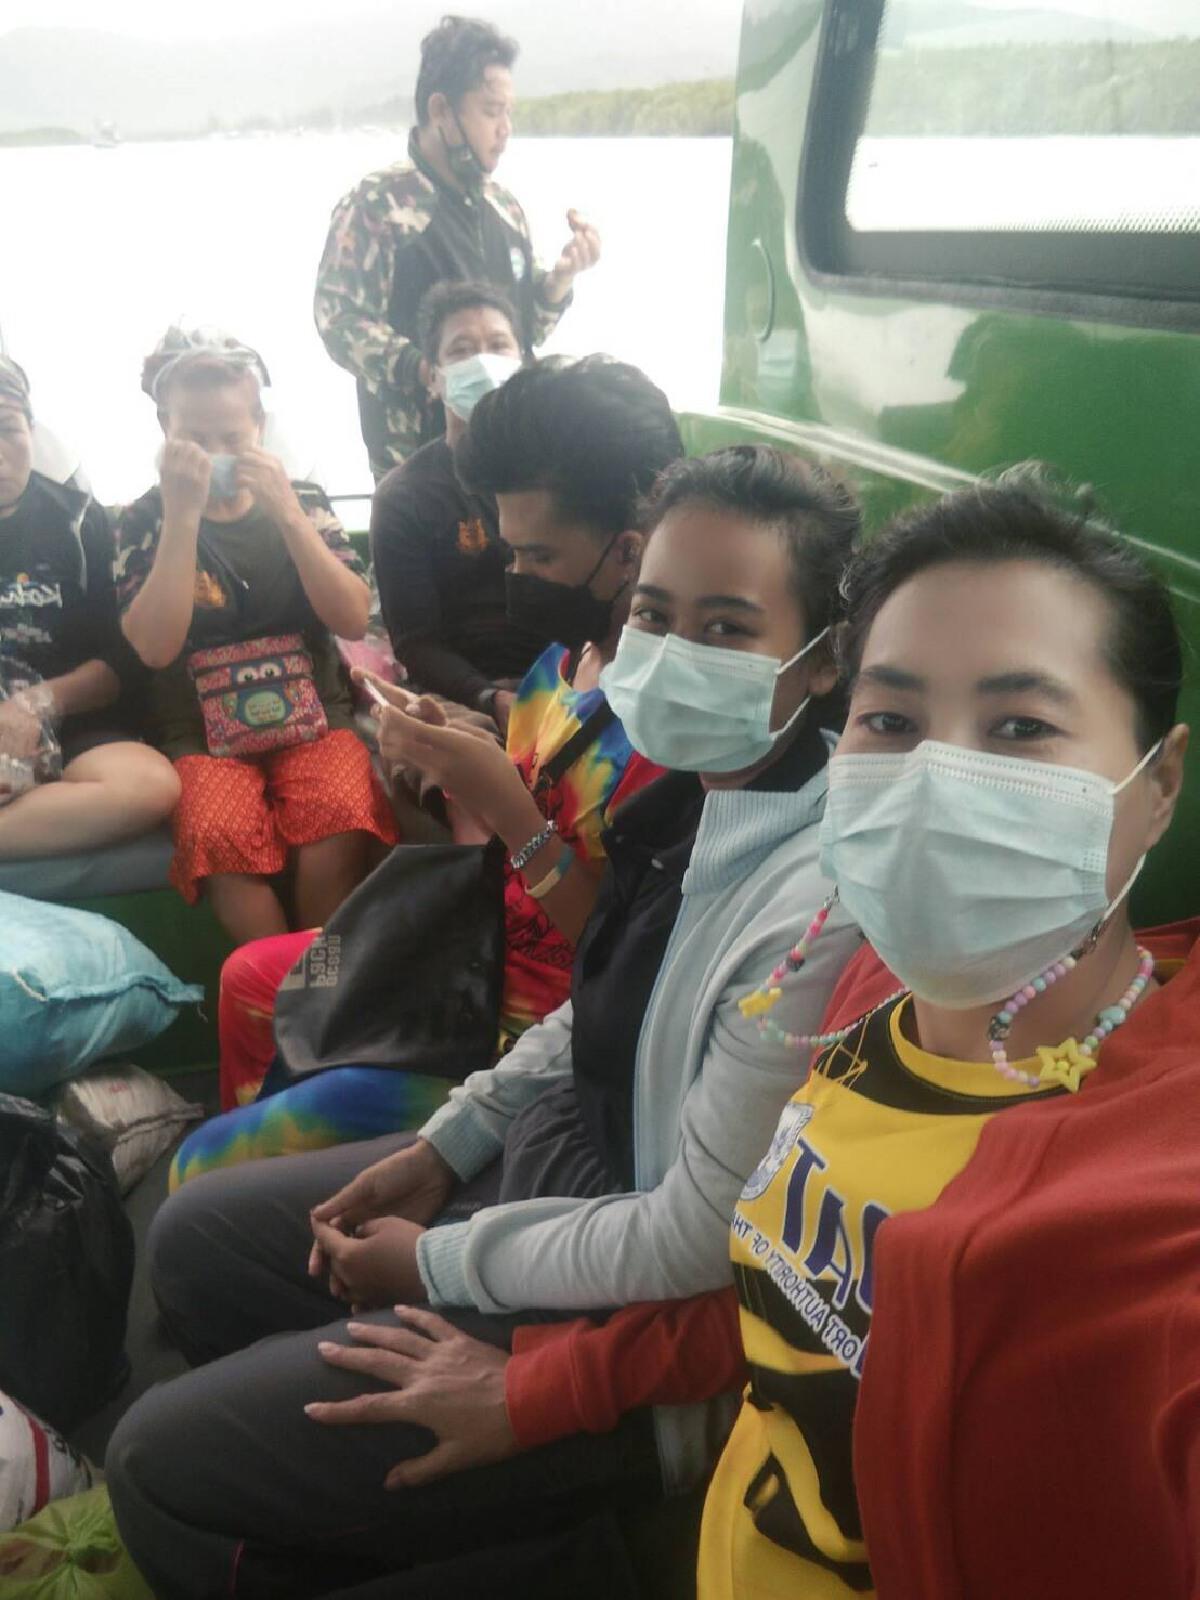 """ครูกศน.นั่งเรือข้ามทะเลอันดามันนำเงิน""""เยียวยา2000""""ไปให้นักเรียนที่หมู่เกาะสุรินทร์"""